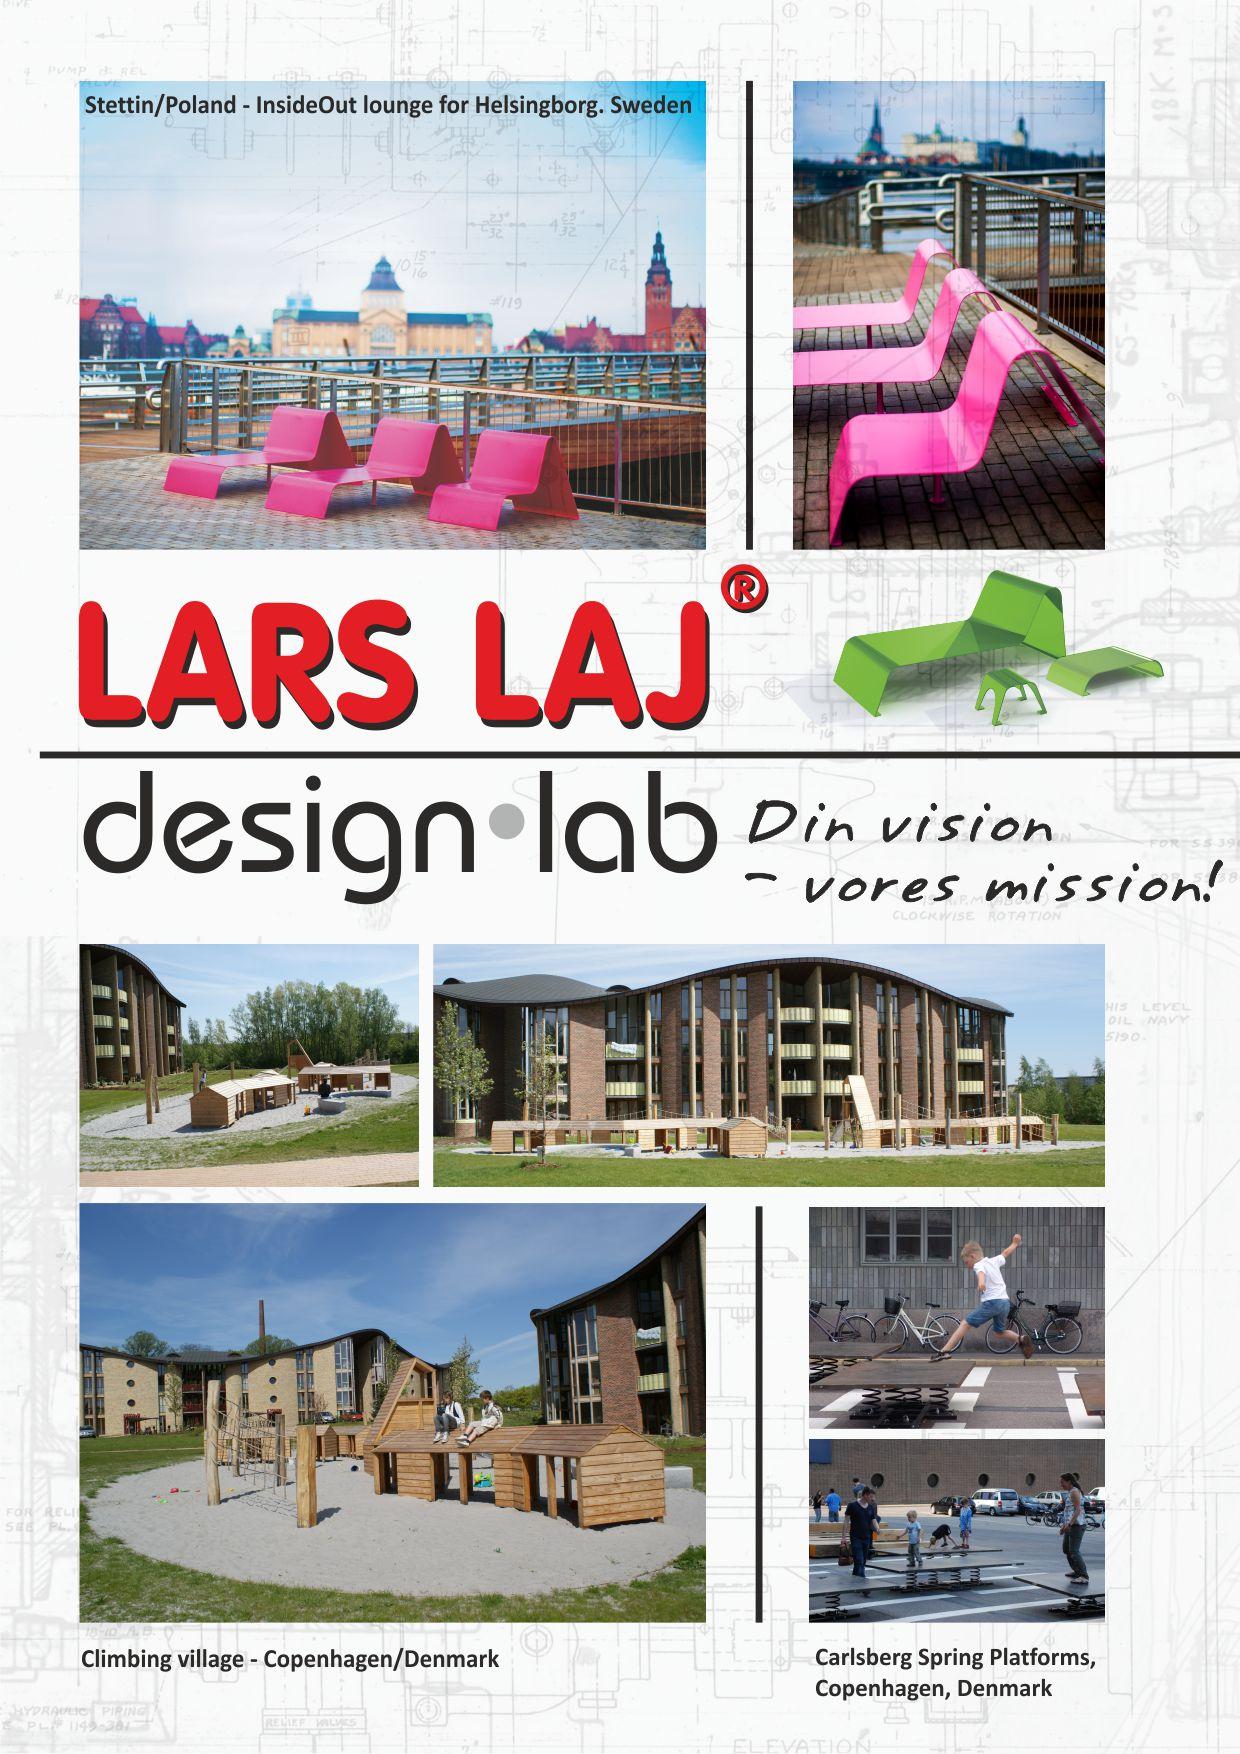 Lars Laj Design Lab